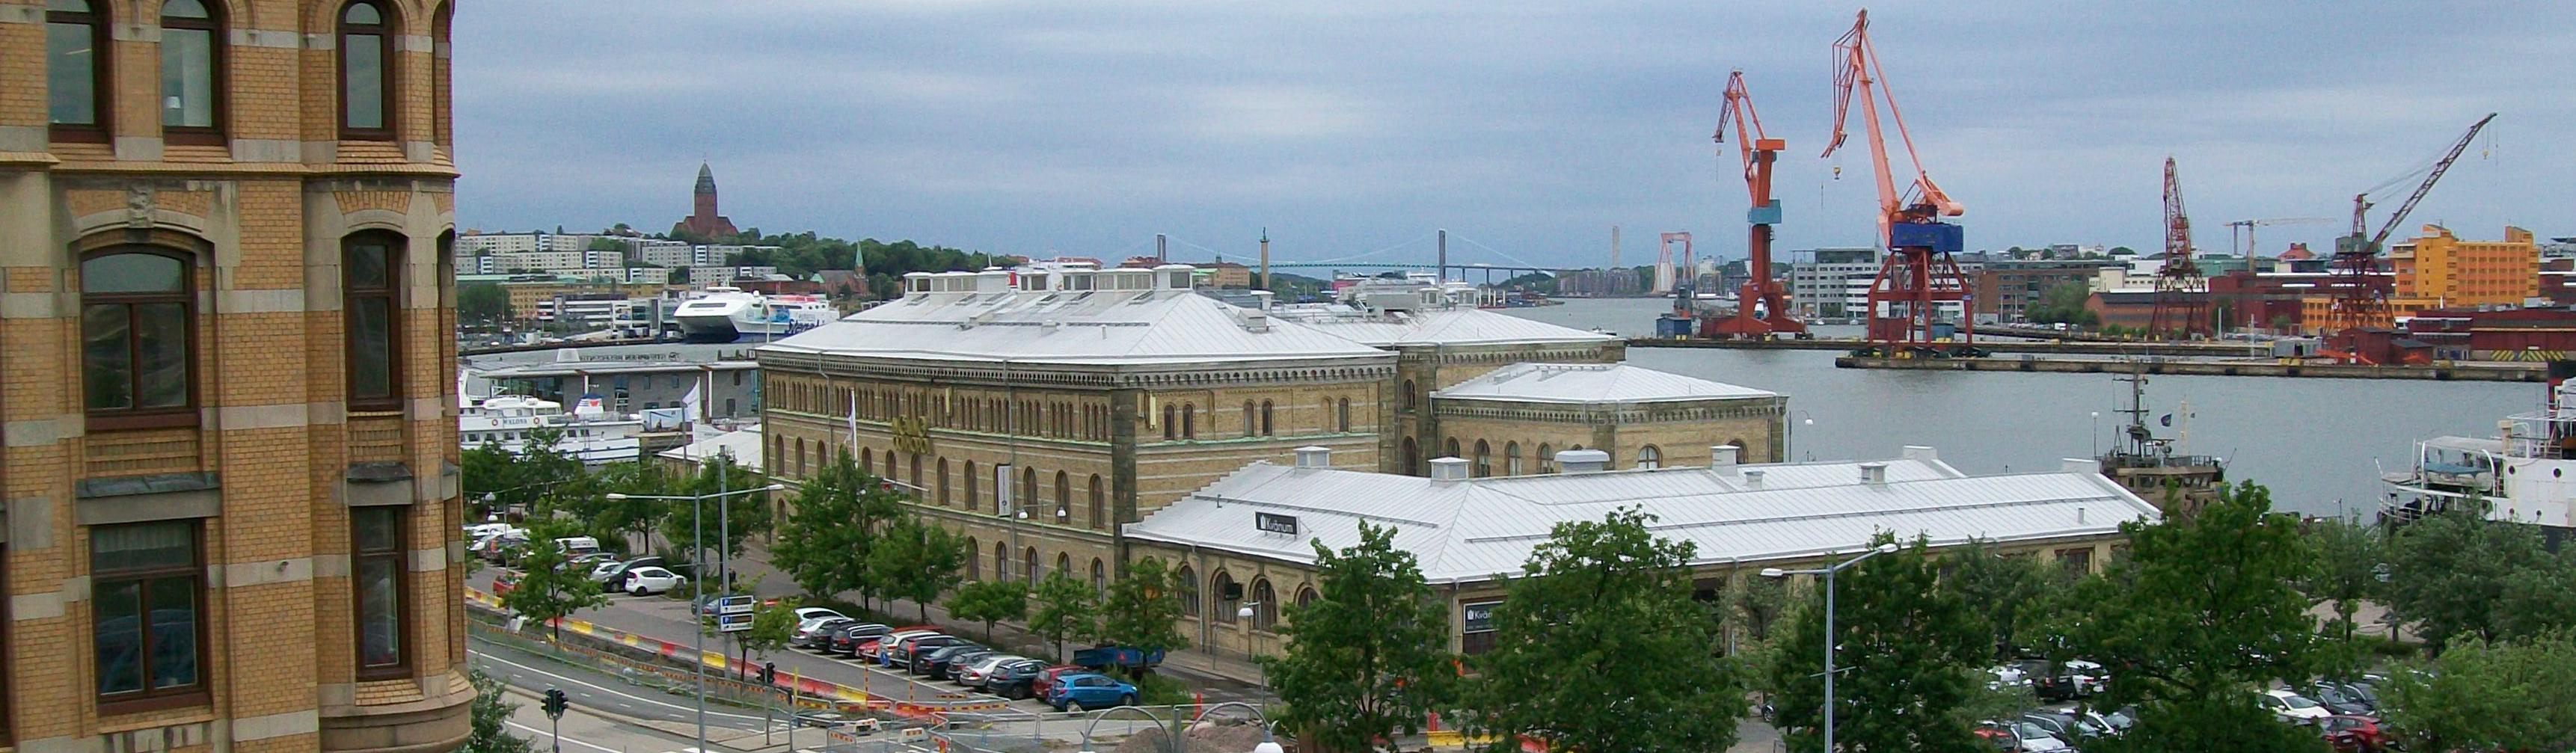 Mer än en miljon svenskar passerade detta hus ut i världen...